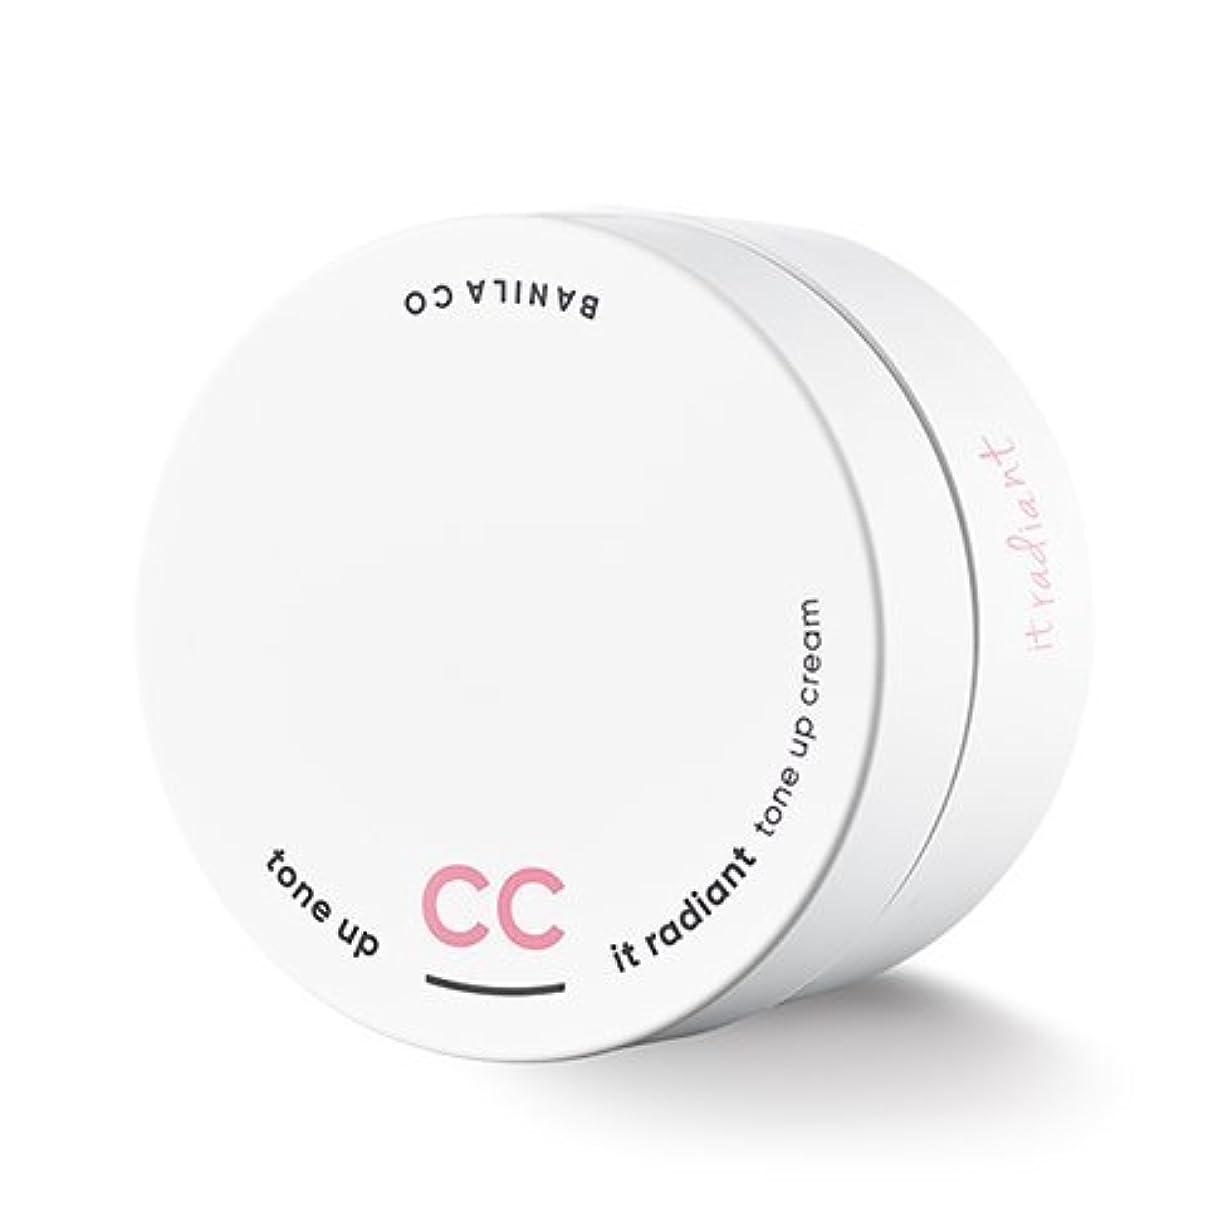 エッセンス実行可能放射するBANILA CO It Radiant CC Tone Up Cream 50ml/バニラコ イット ラディアント CC トーンアップ クリーム 50ml [並行輸入品]